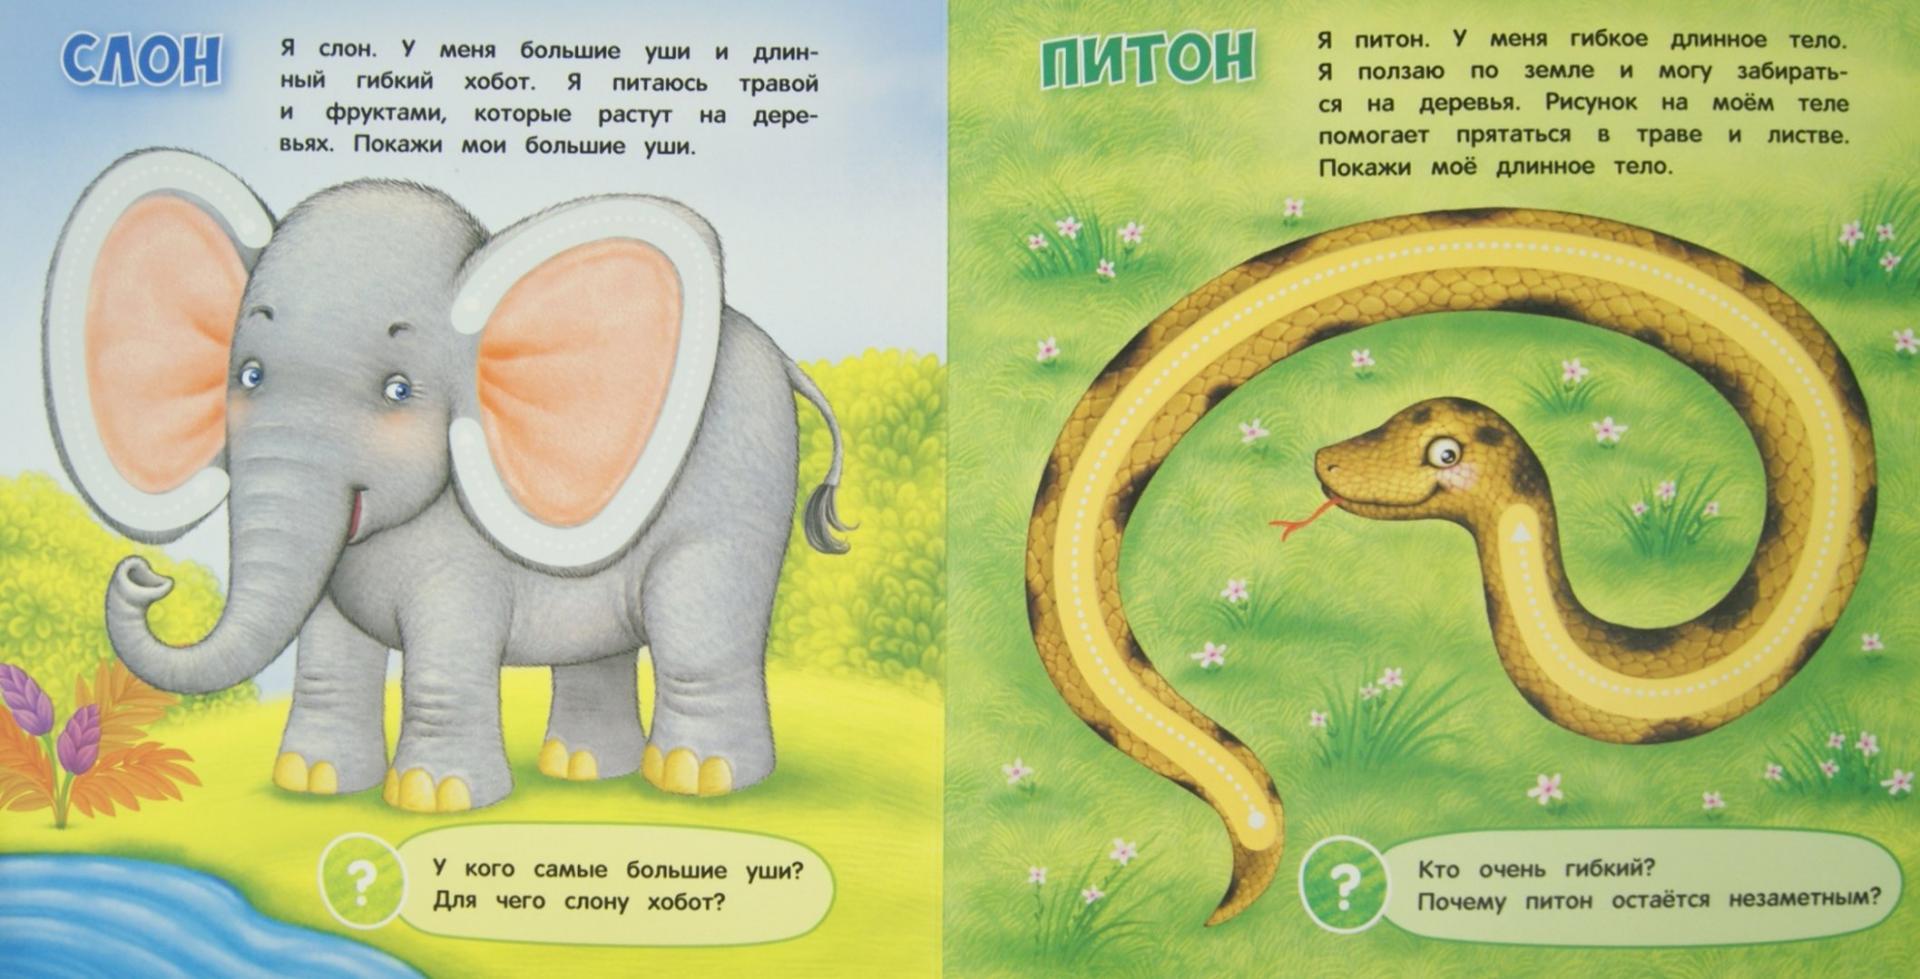 Иллюстрация 1 из 6 для Животные - Оксана Шакаль | Лабиринт - книги. Источник: Лабиринт